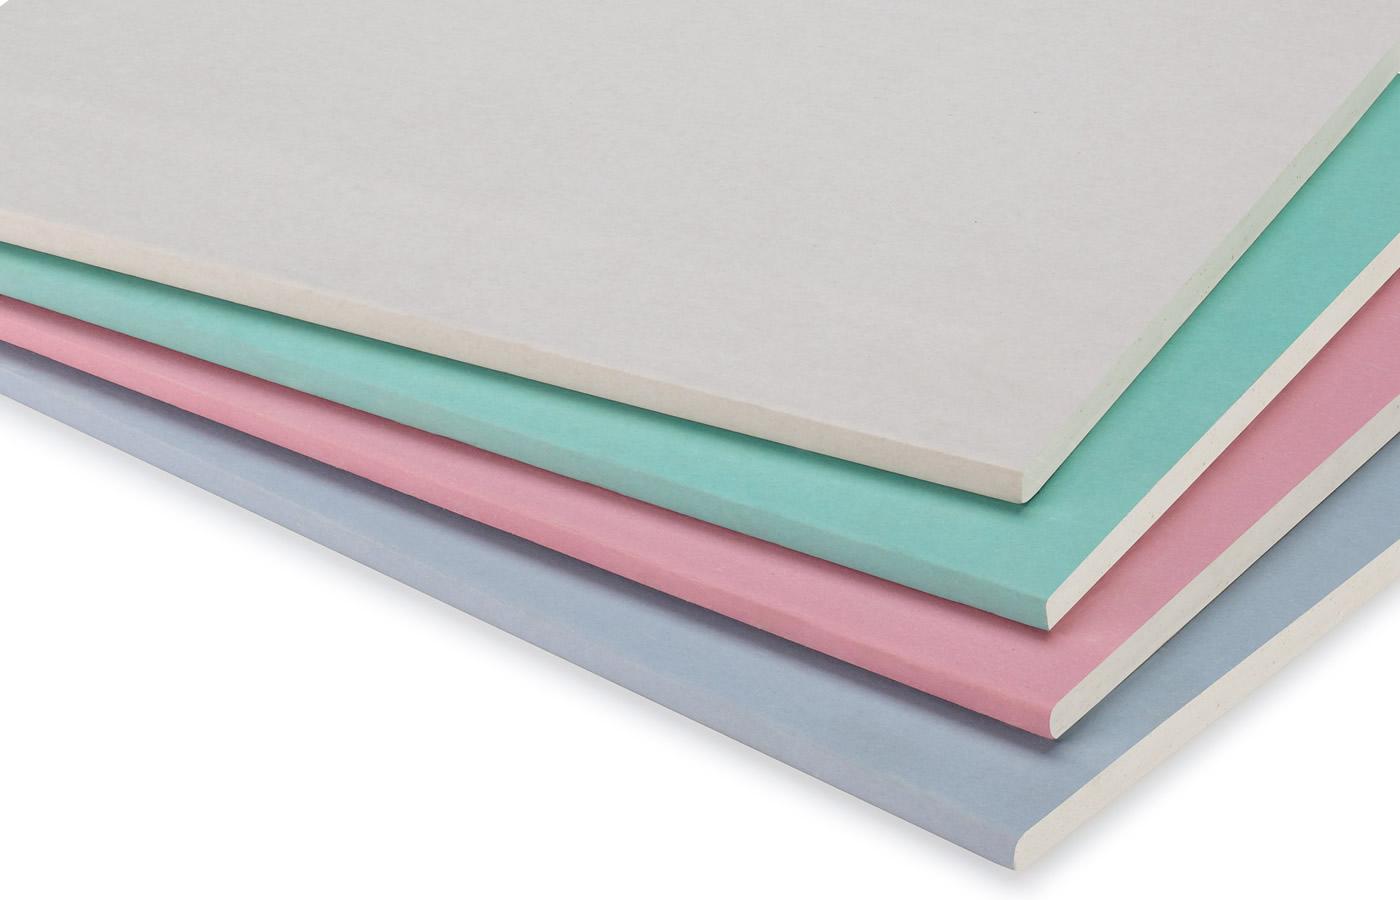 Placa de pladur elegant trasdosado de pladur con placa n - Placa de pladur ...